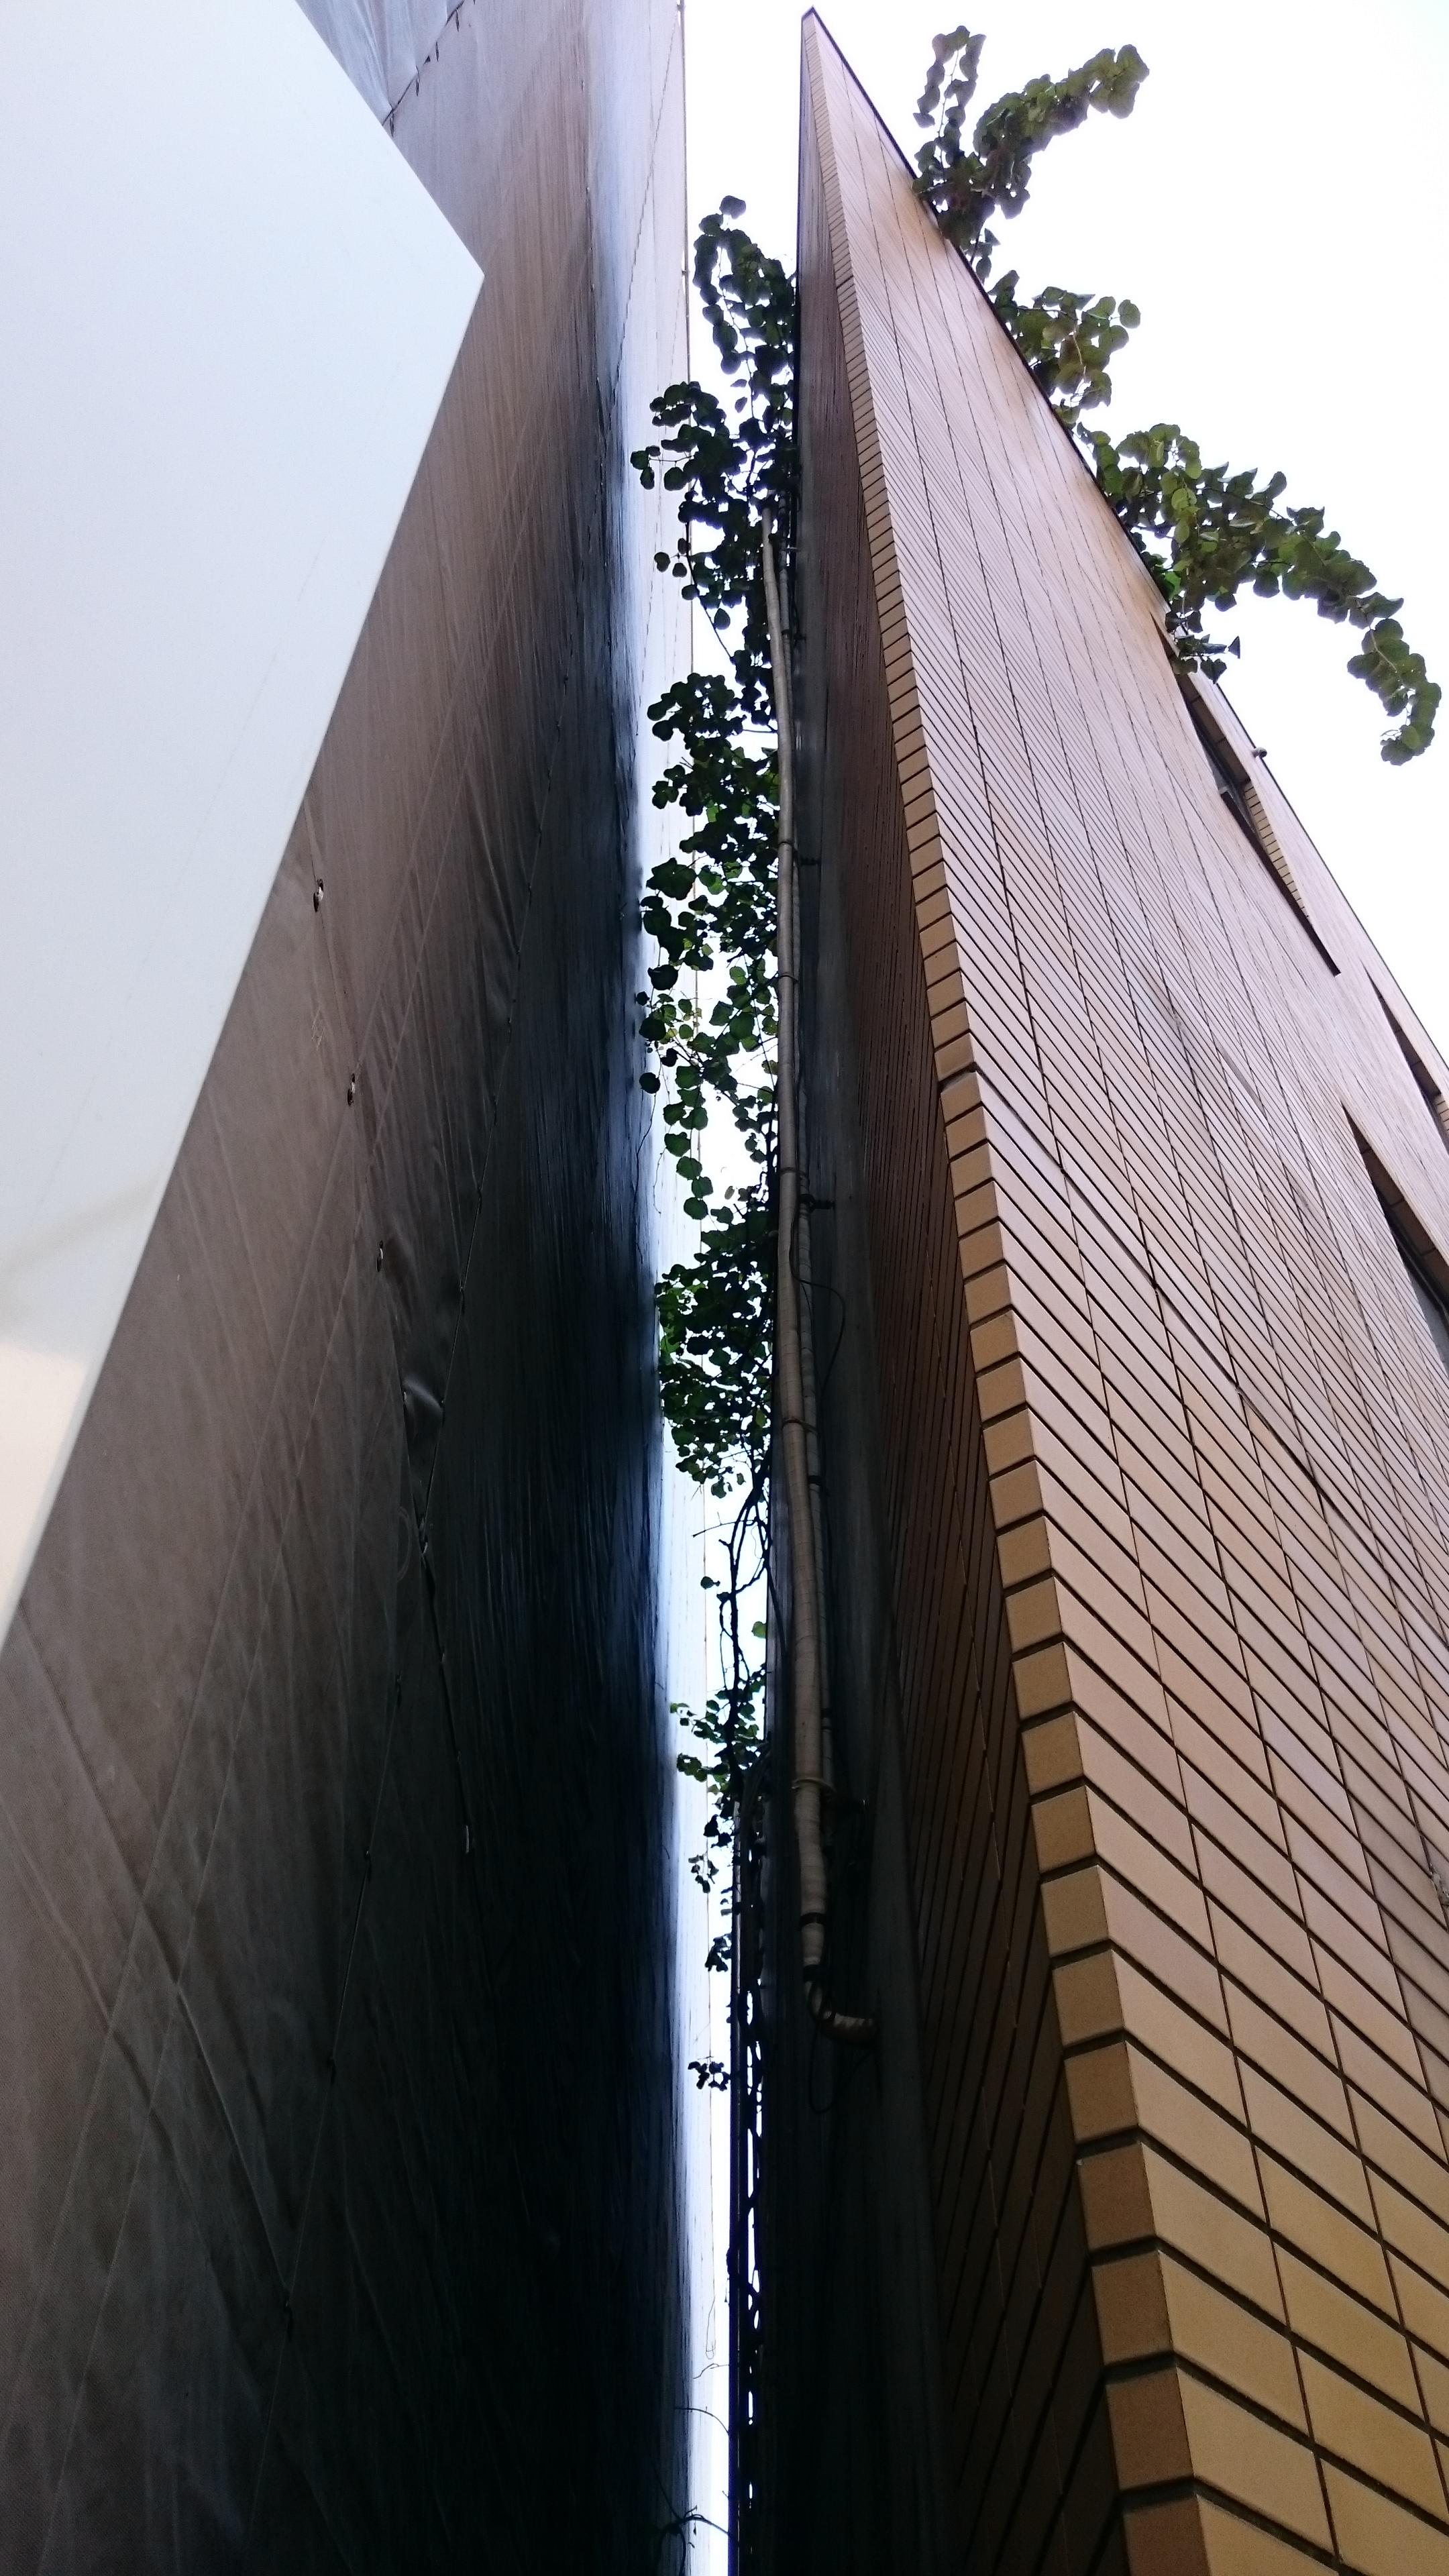 ビルの屋上までからみついている蔓(つる)を切断・除去